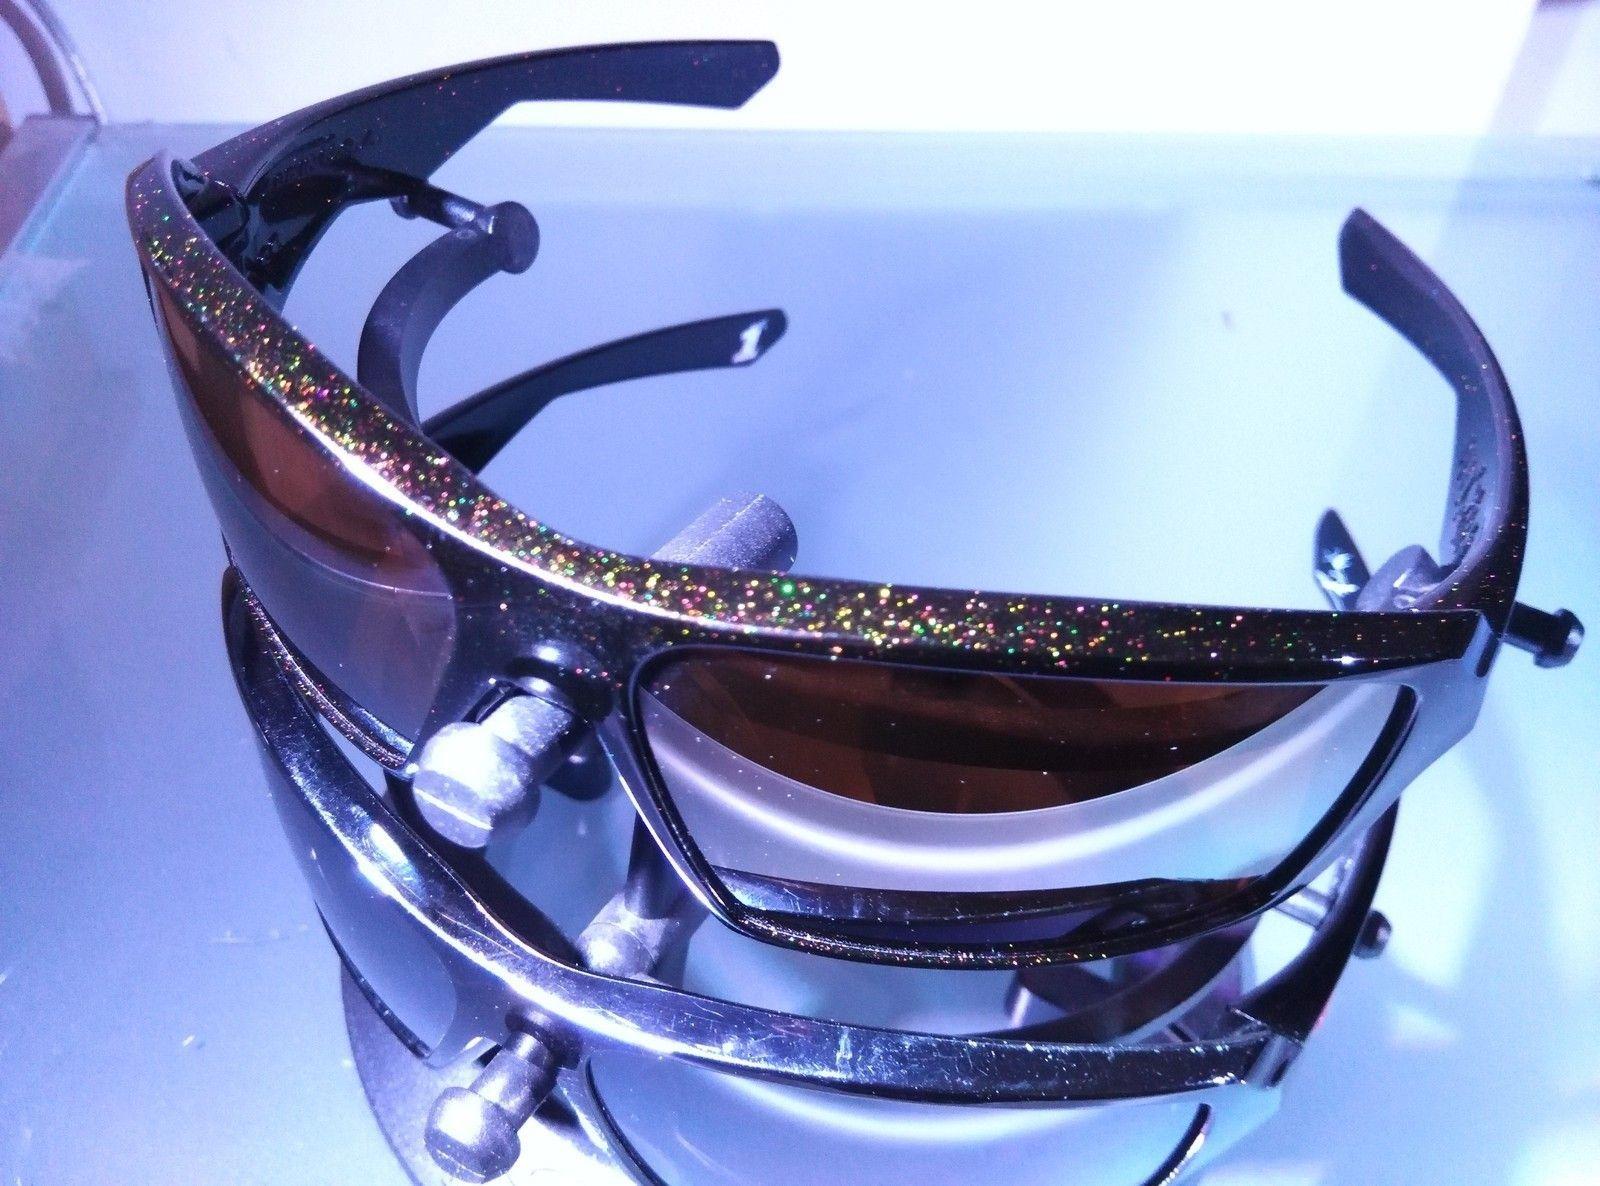 NICKY HAYDEN Eyepatch & Brown Sugar Eyepatch - IMG_20150418_213731.jpg